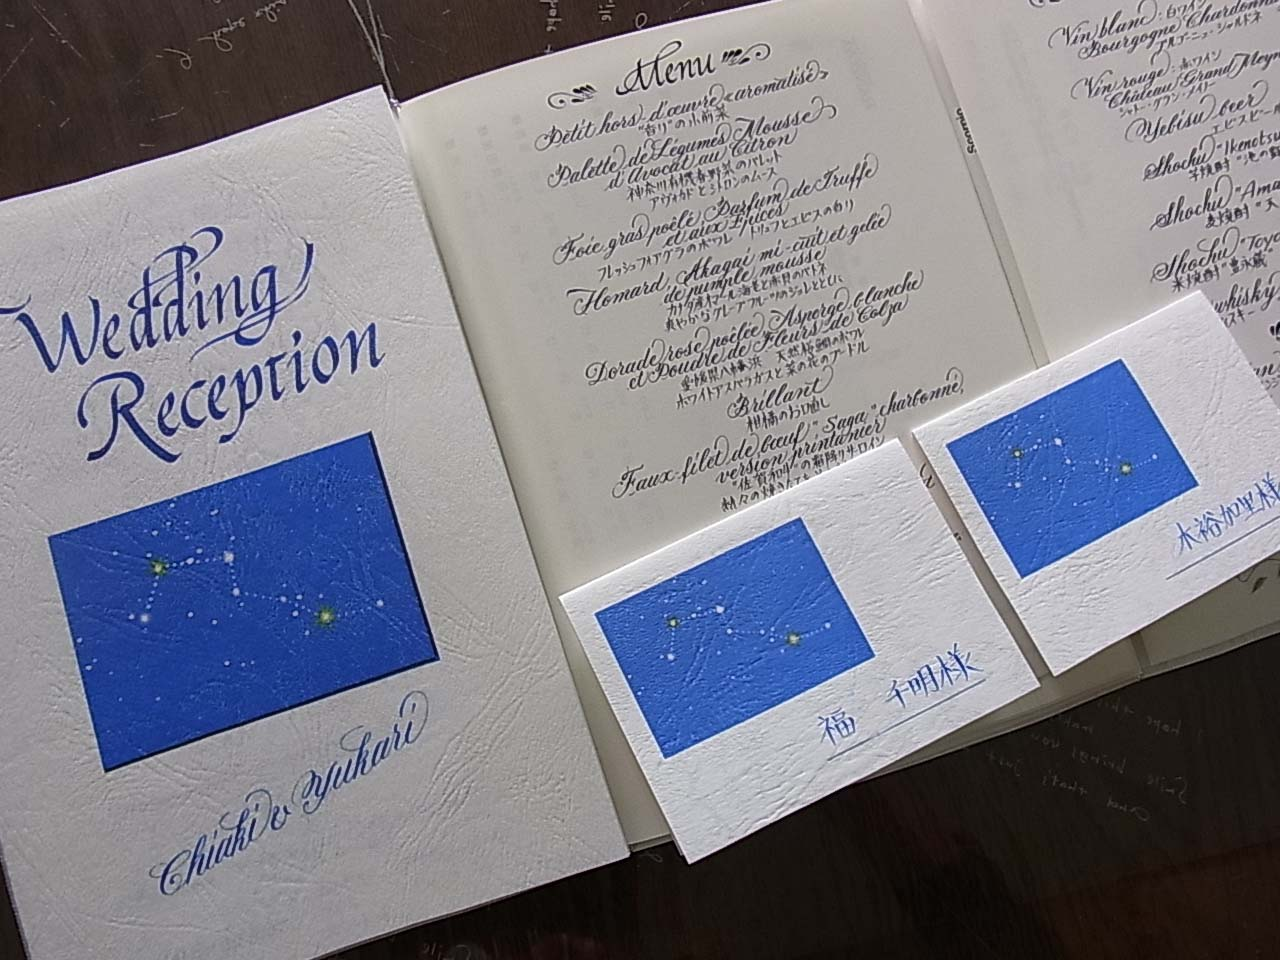 星座がテーマの席次表・席札♪_b0105897_10565224.jpg